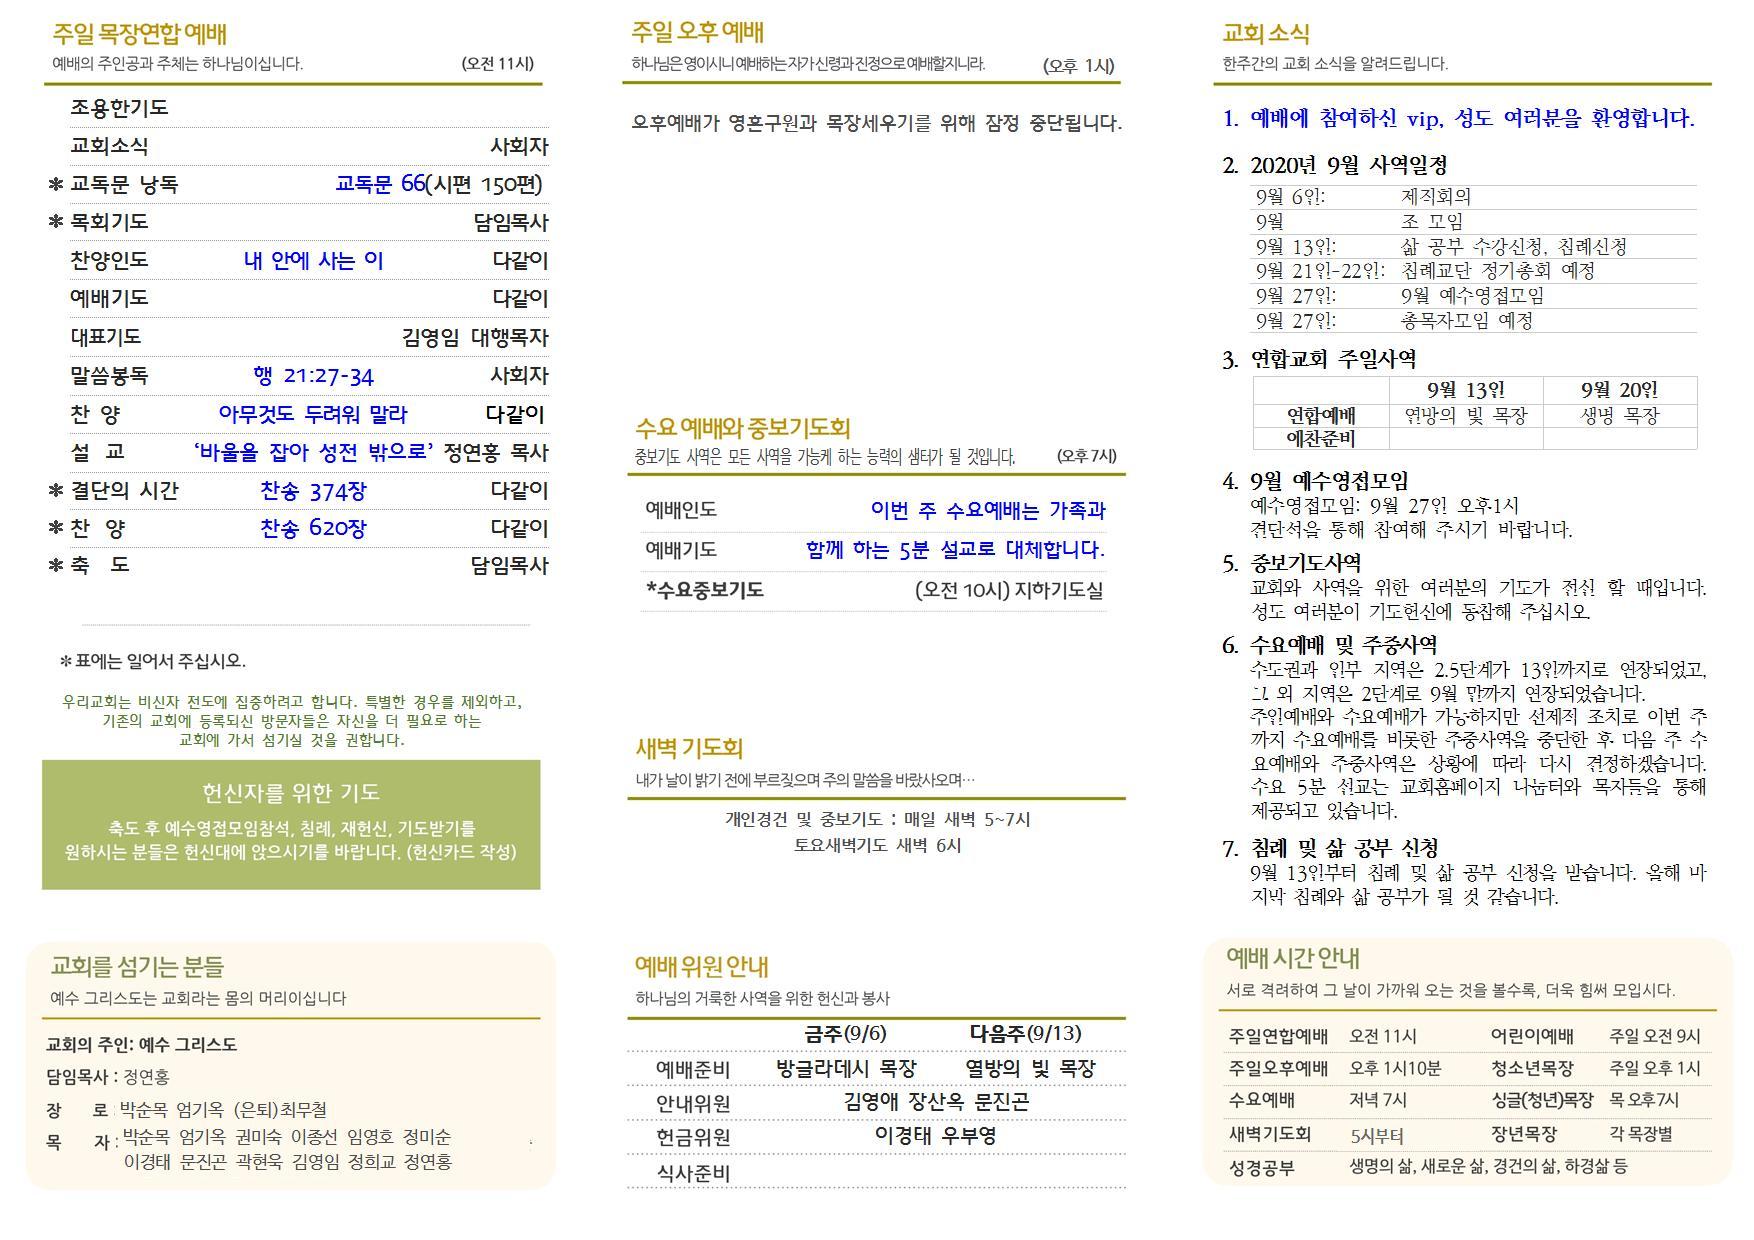 200906-1,2002.jpg